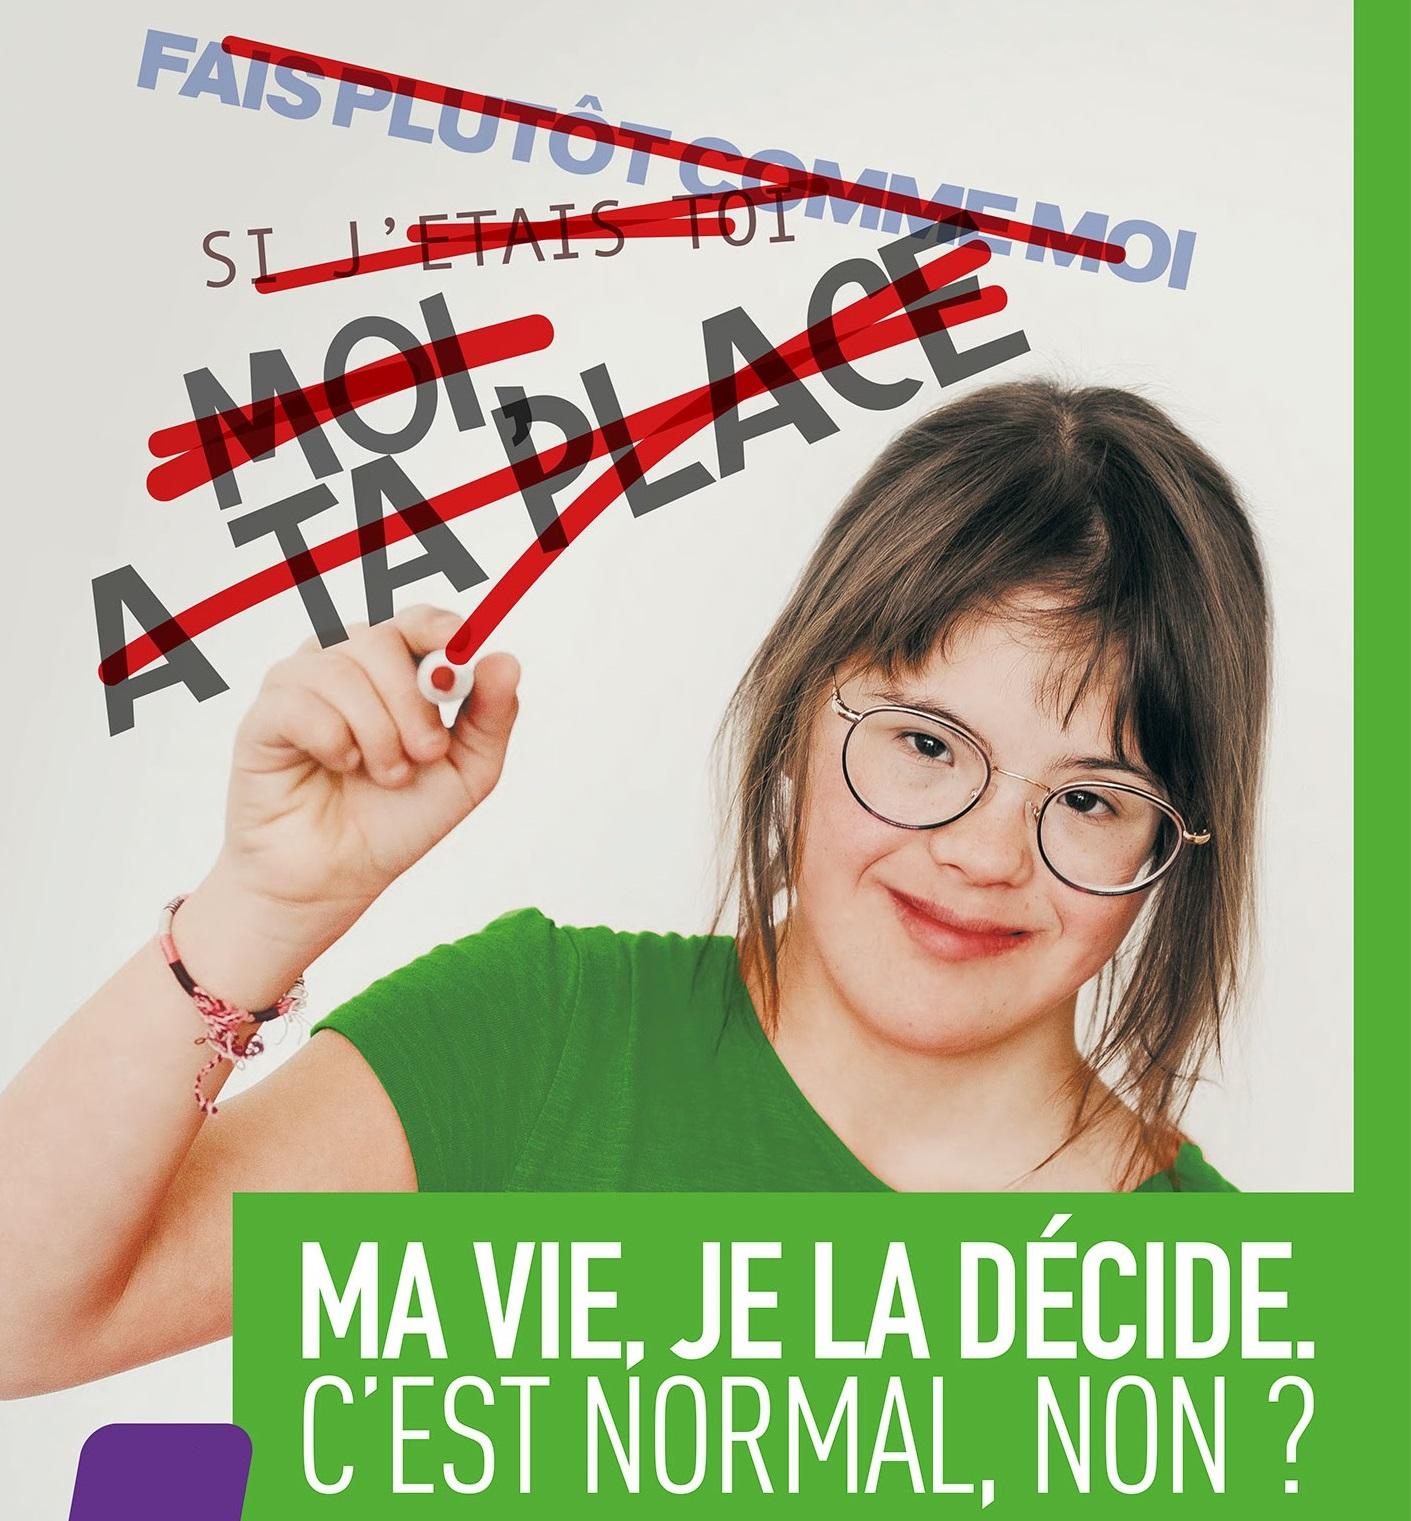 C'est ma vie je la choisis ! - Trisomie 21 France